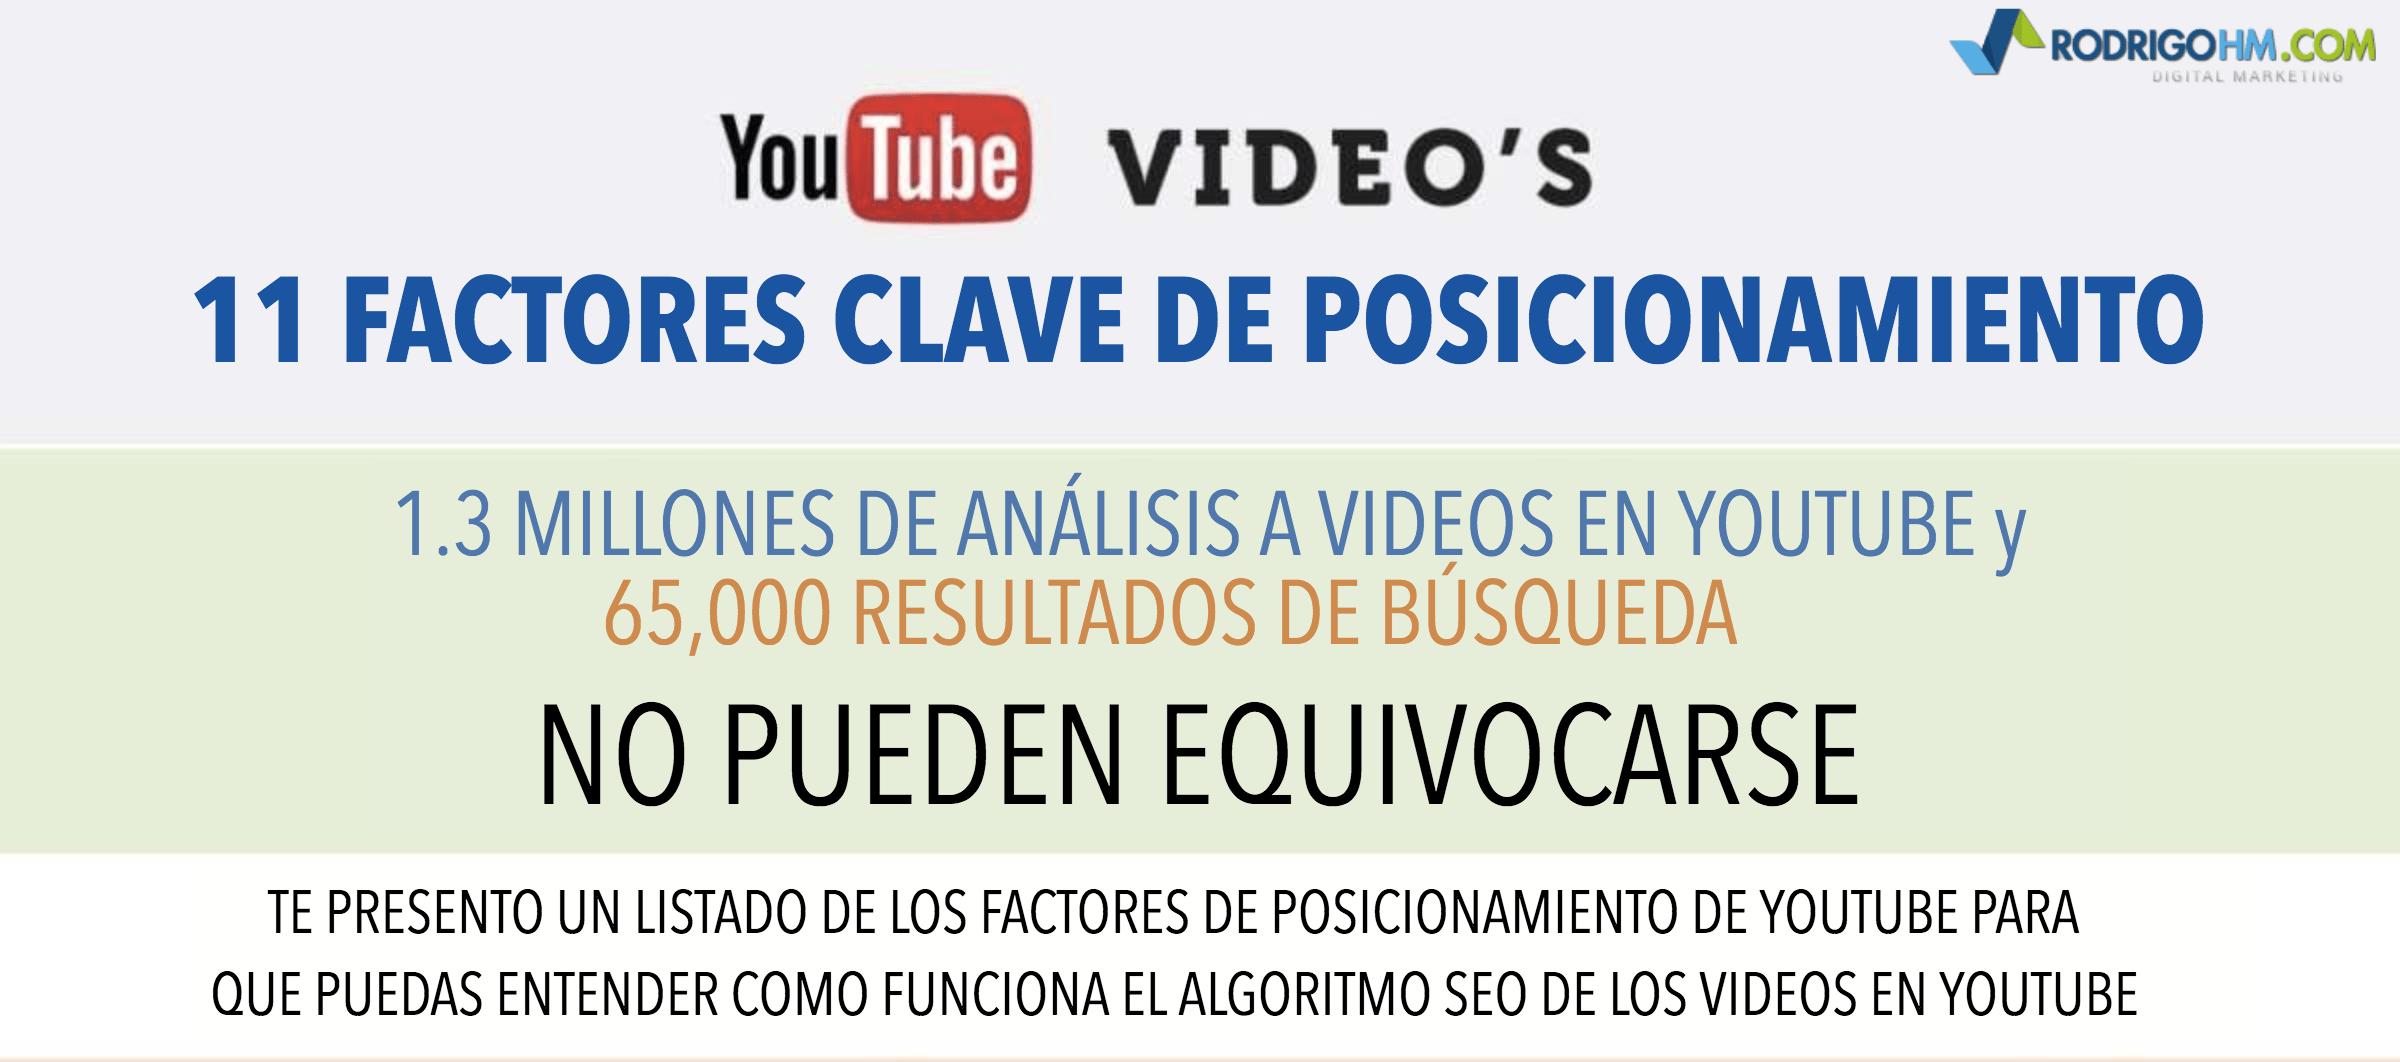 Cómo Posicionarse en YouTube